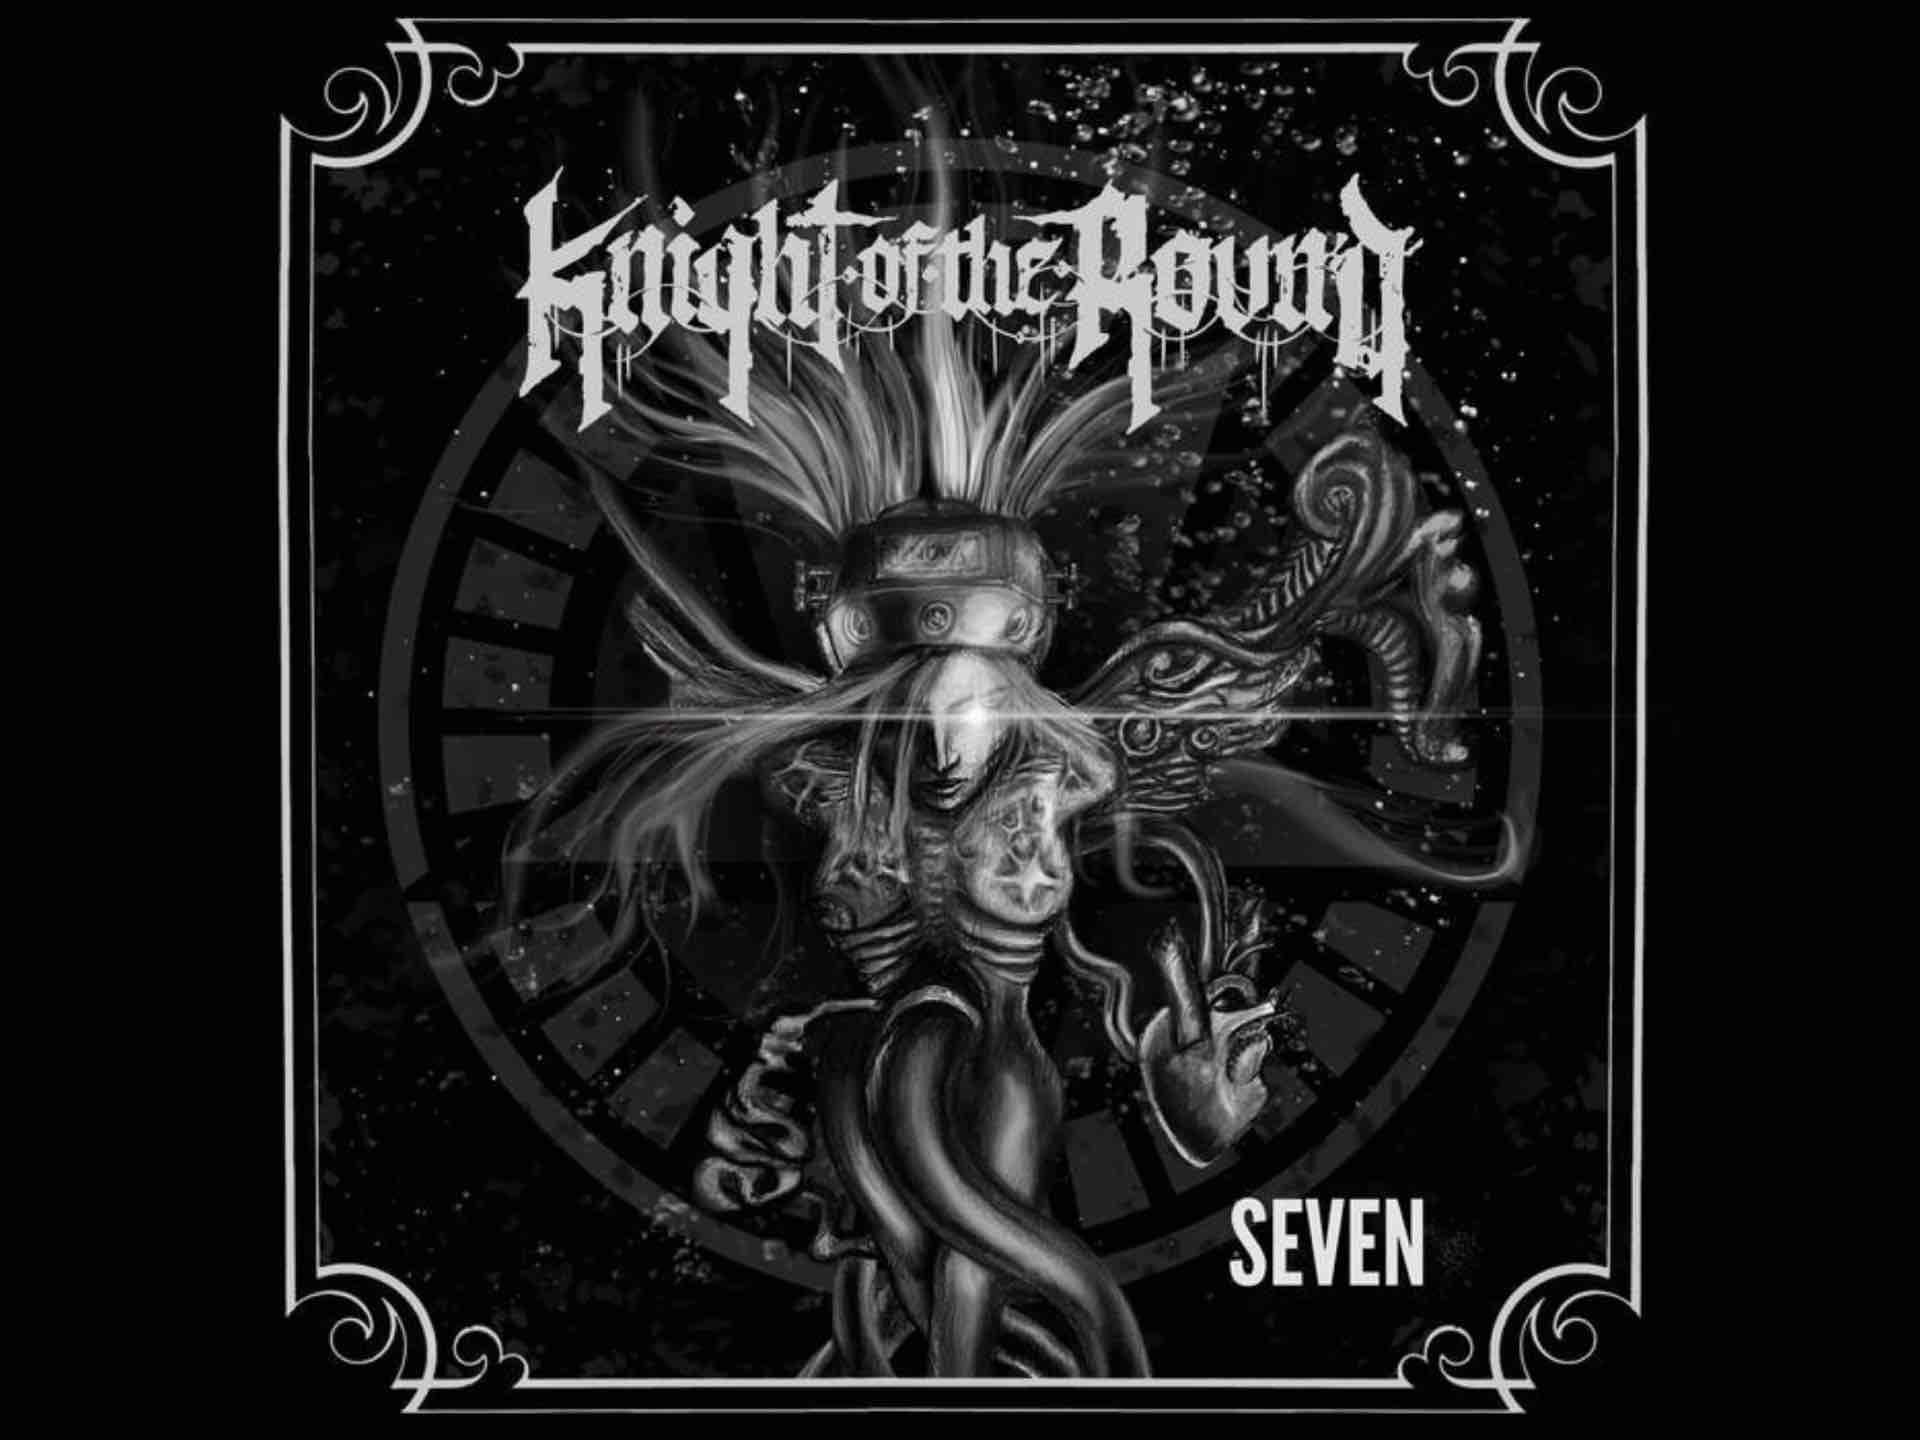 knight-of-the-round-seven-ffvii-metal-album